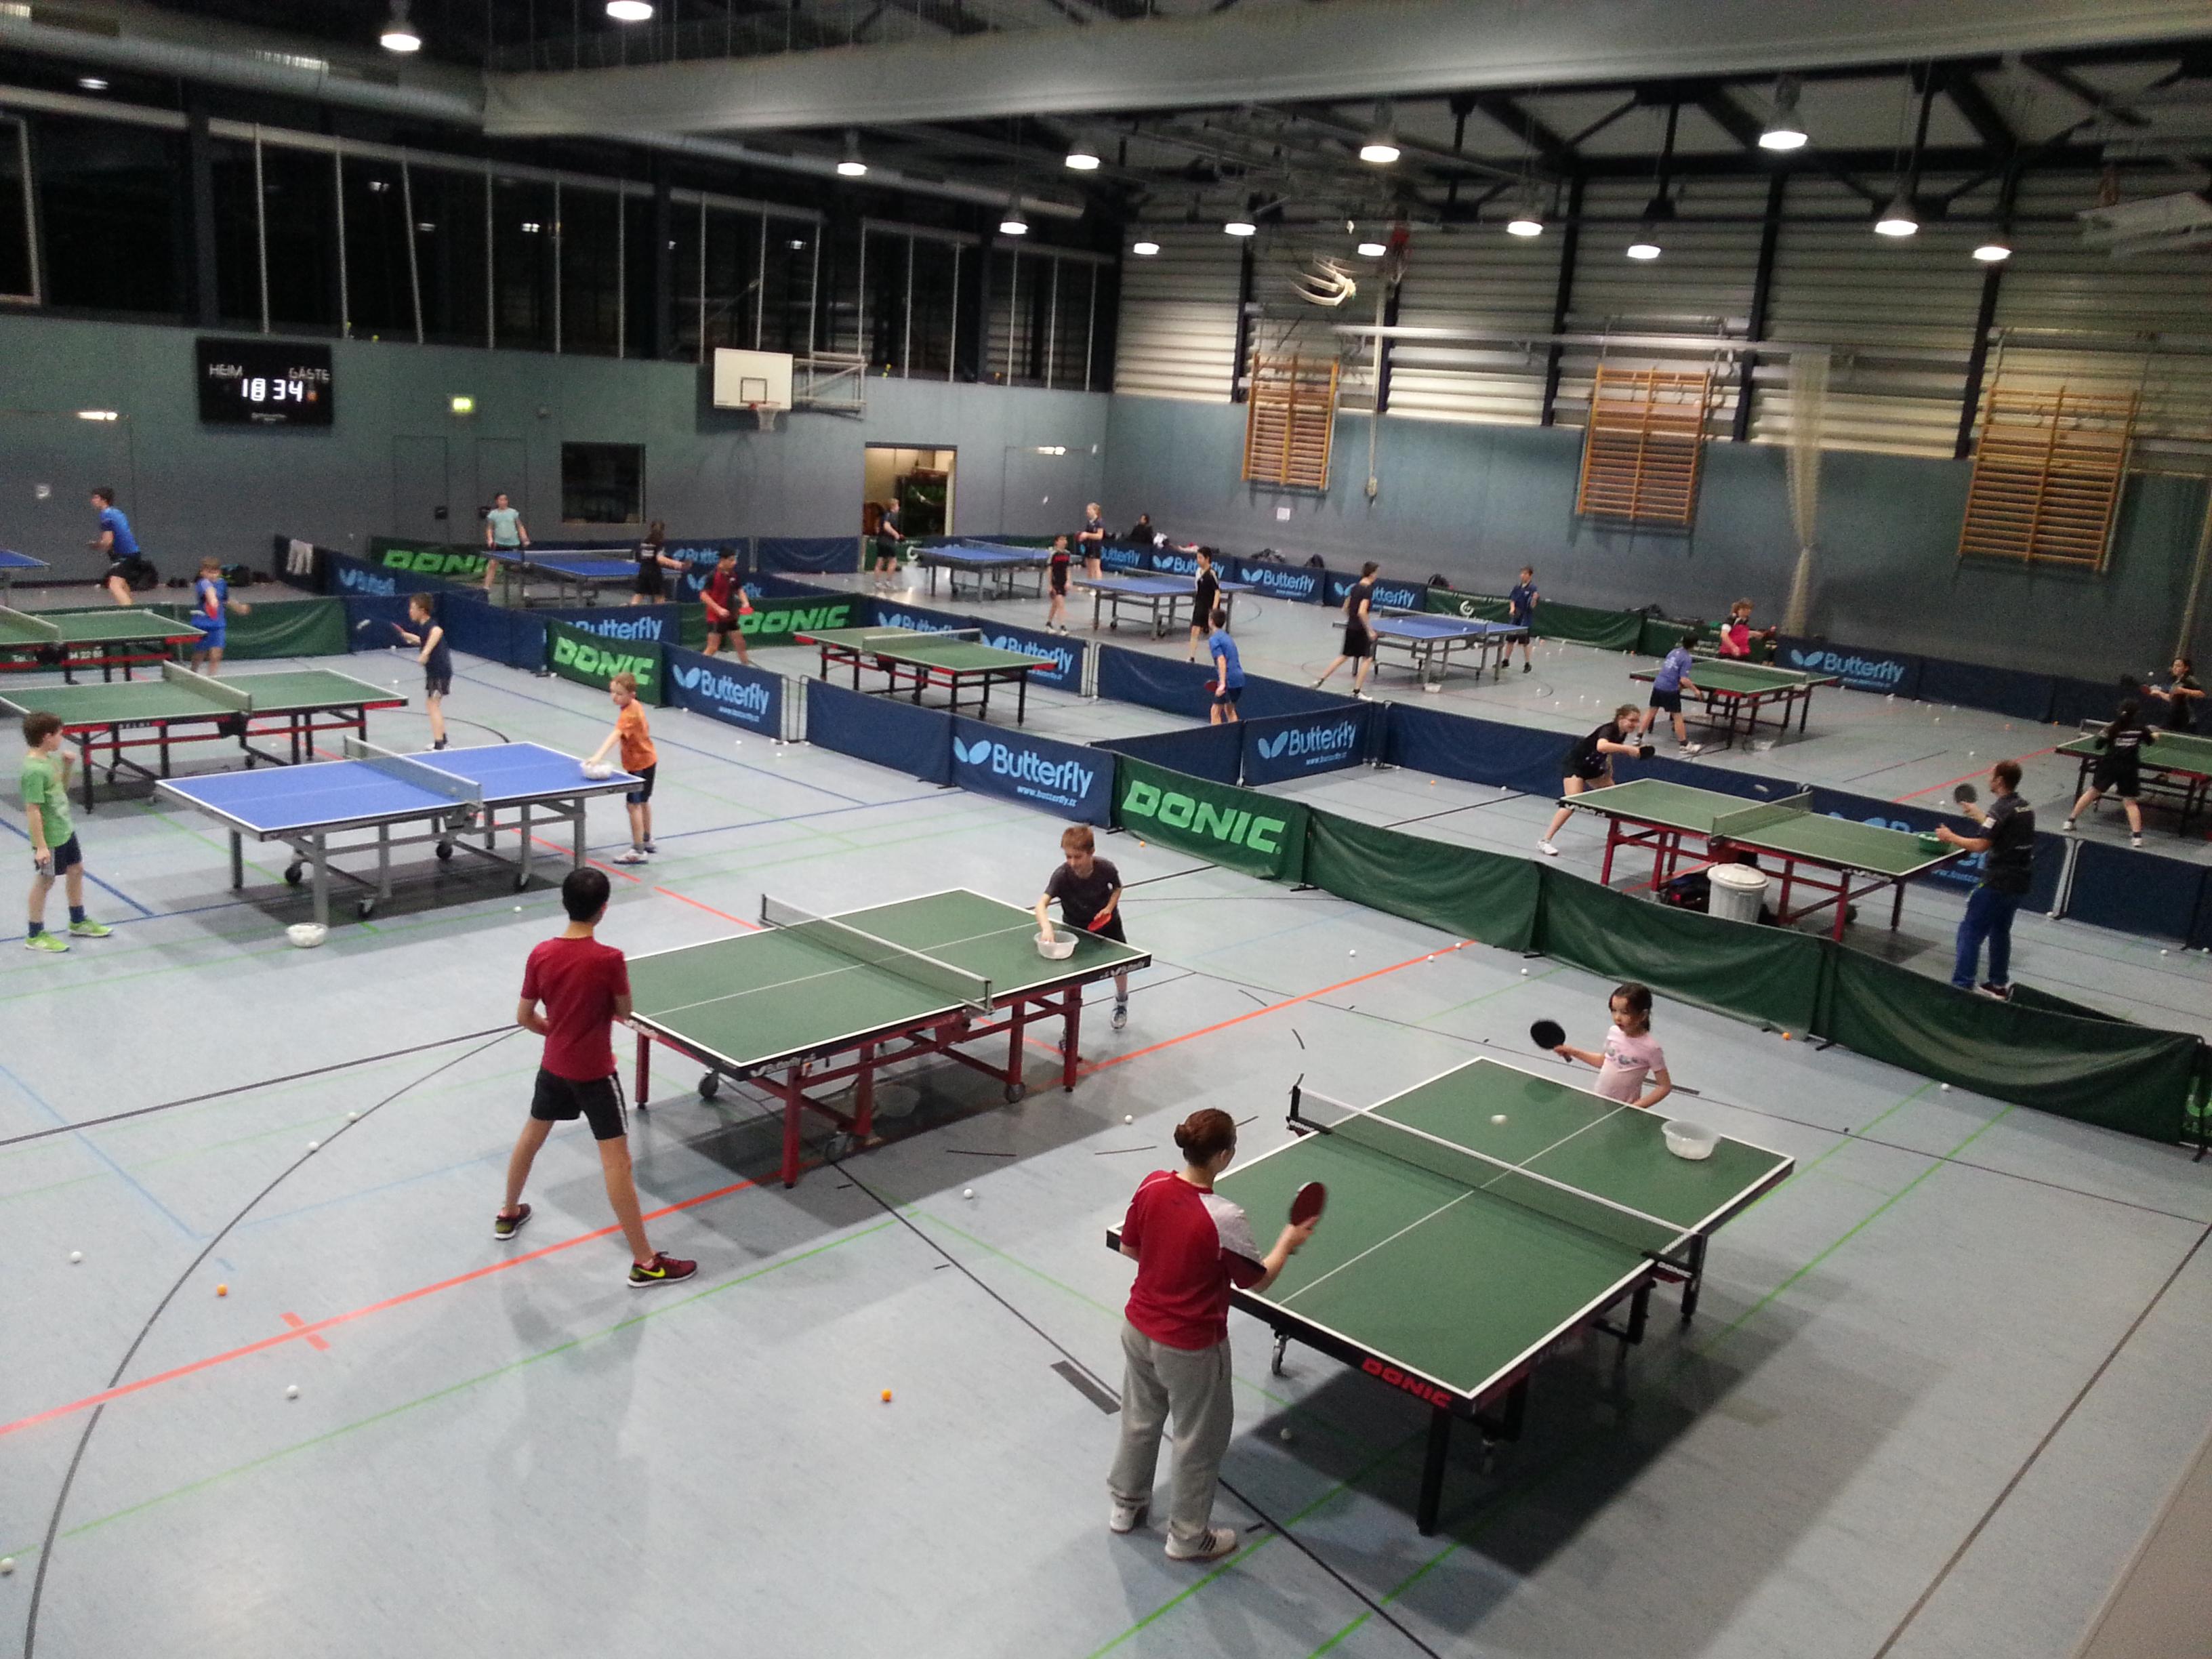 Nachwuchstraining in der Wingert-Sporthalle